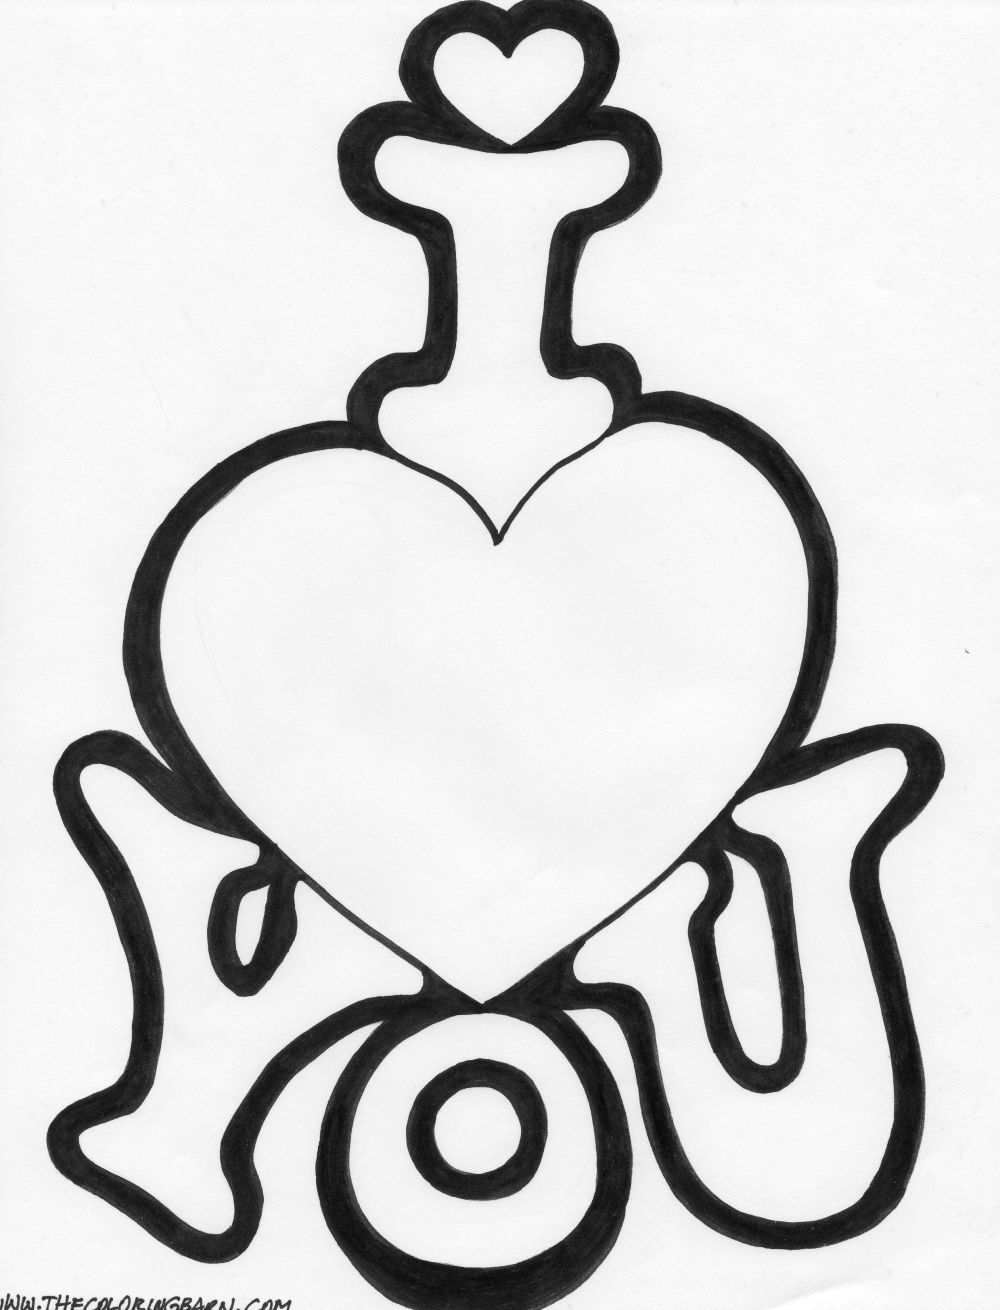 Corazon I Love You Dibujalia Dibujos Para Colorear Eventos Especiales Dia De Los Enam Valentine Coloring Pages Love Coloring Pages Heart Coloring Pages